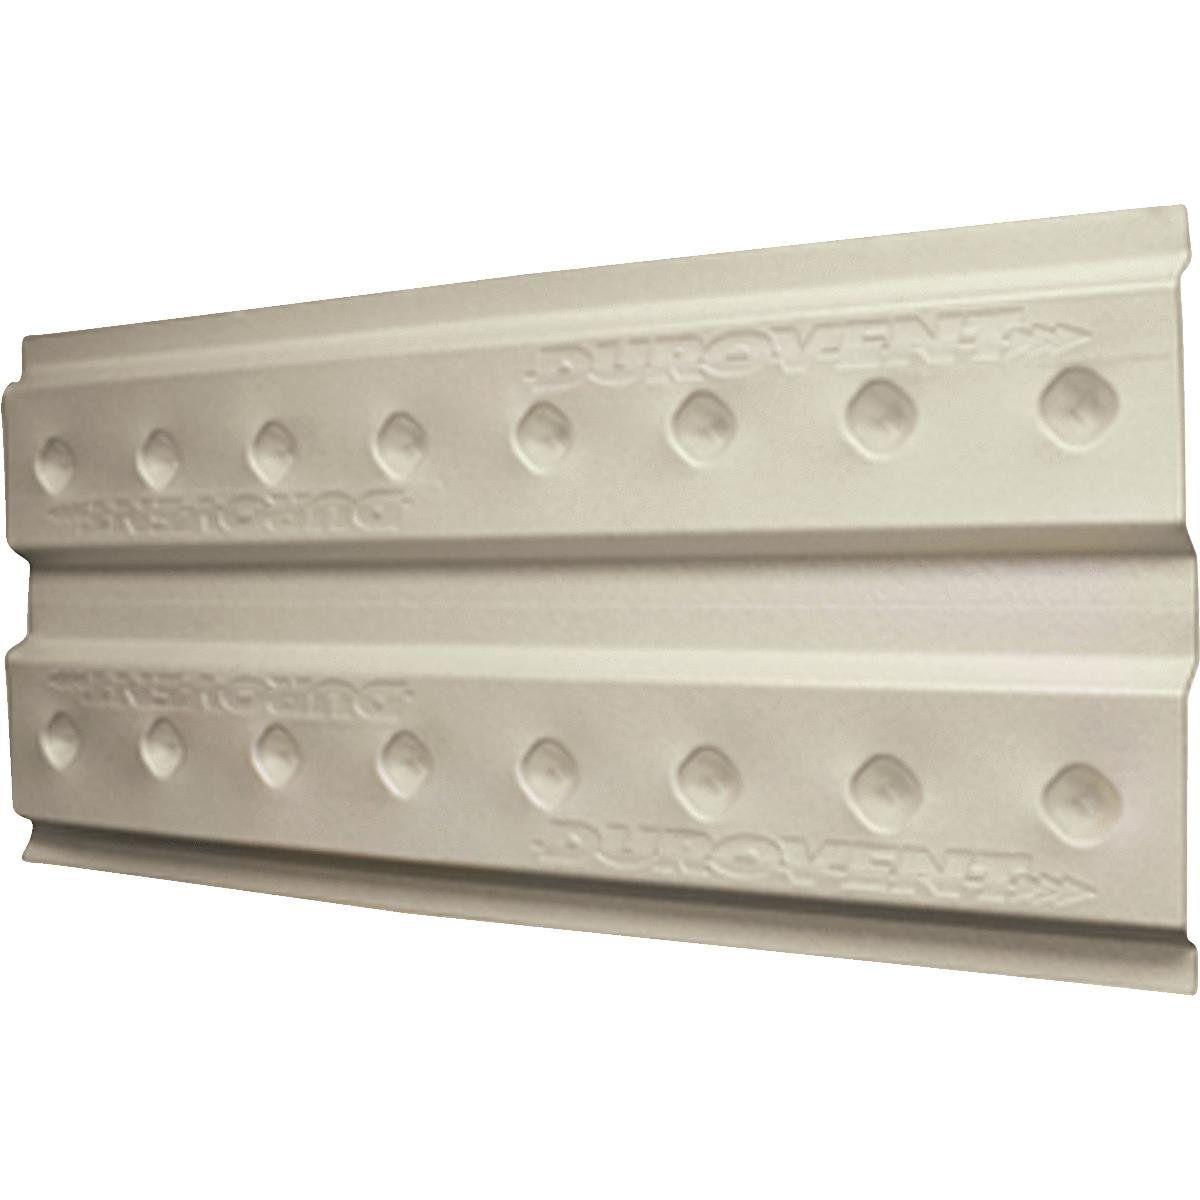 Ado Durovent Foam Attic Rafter Vent Udv2248 Click To Zoom Attic Ventilation Ventilation System Rafter